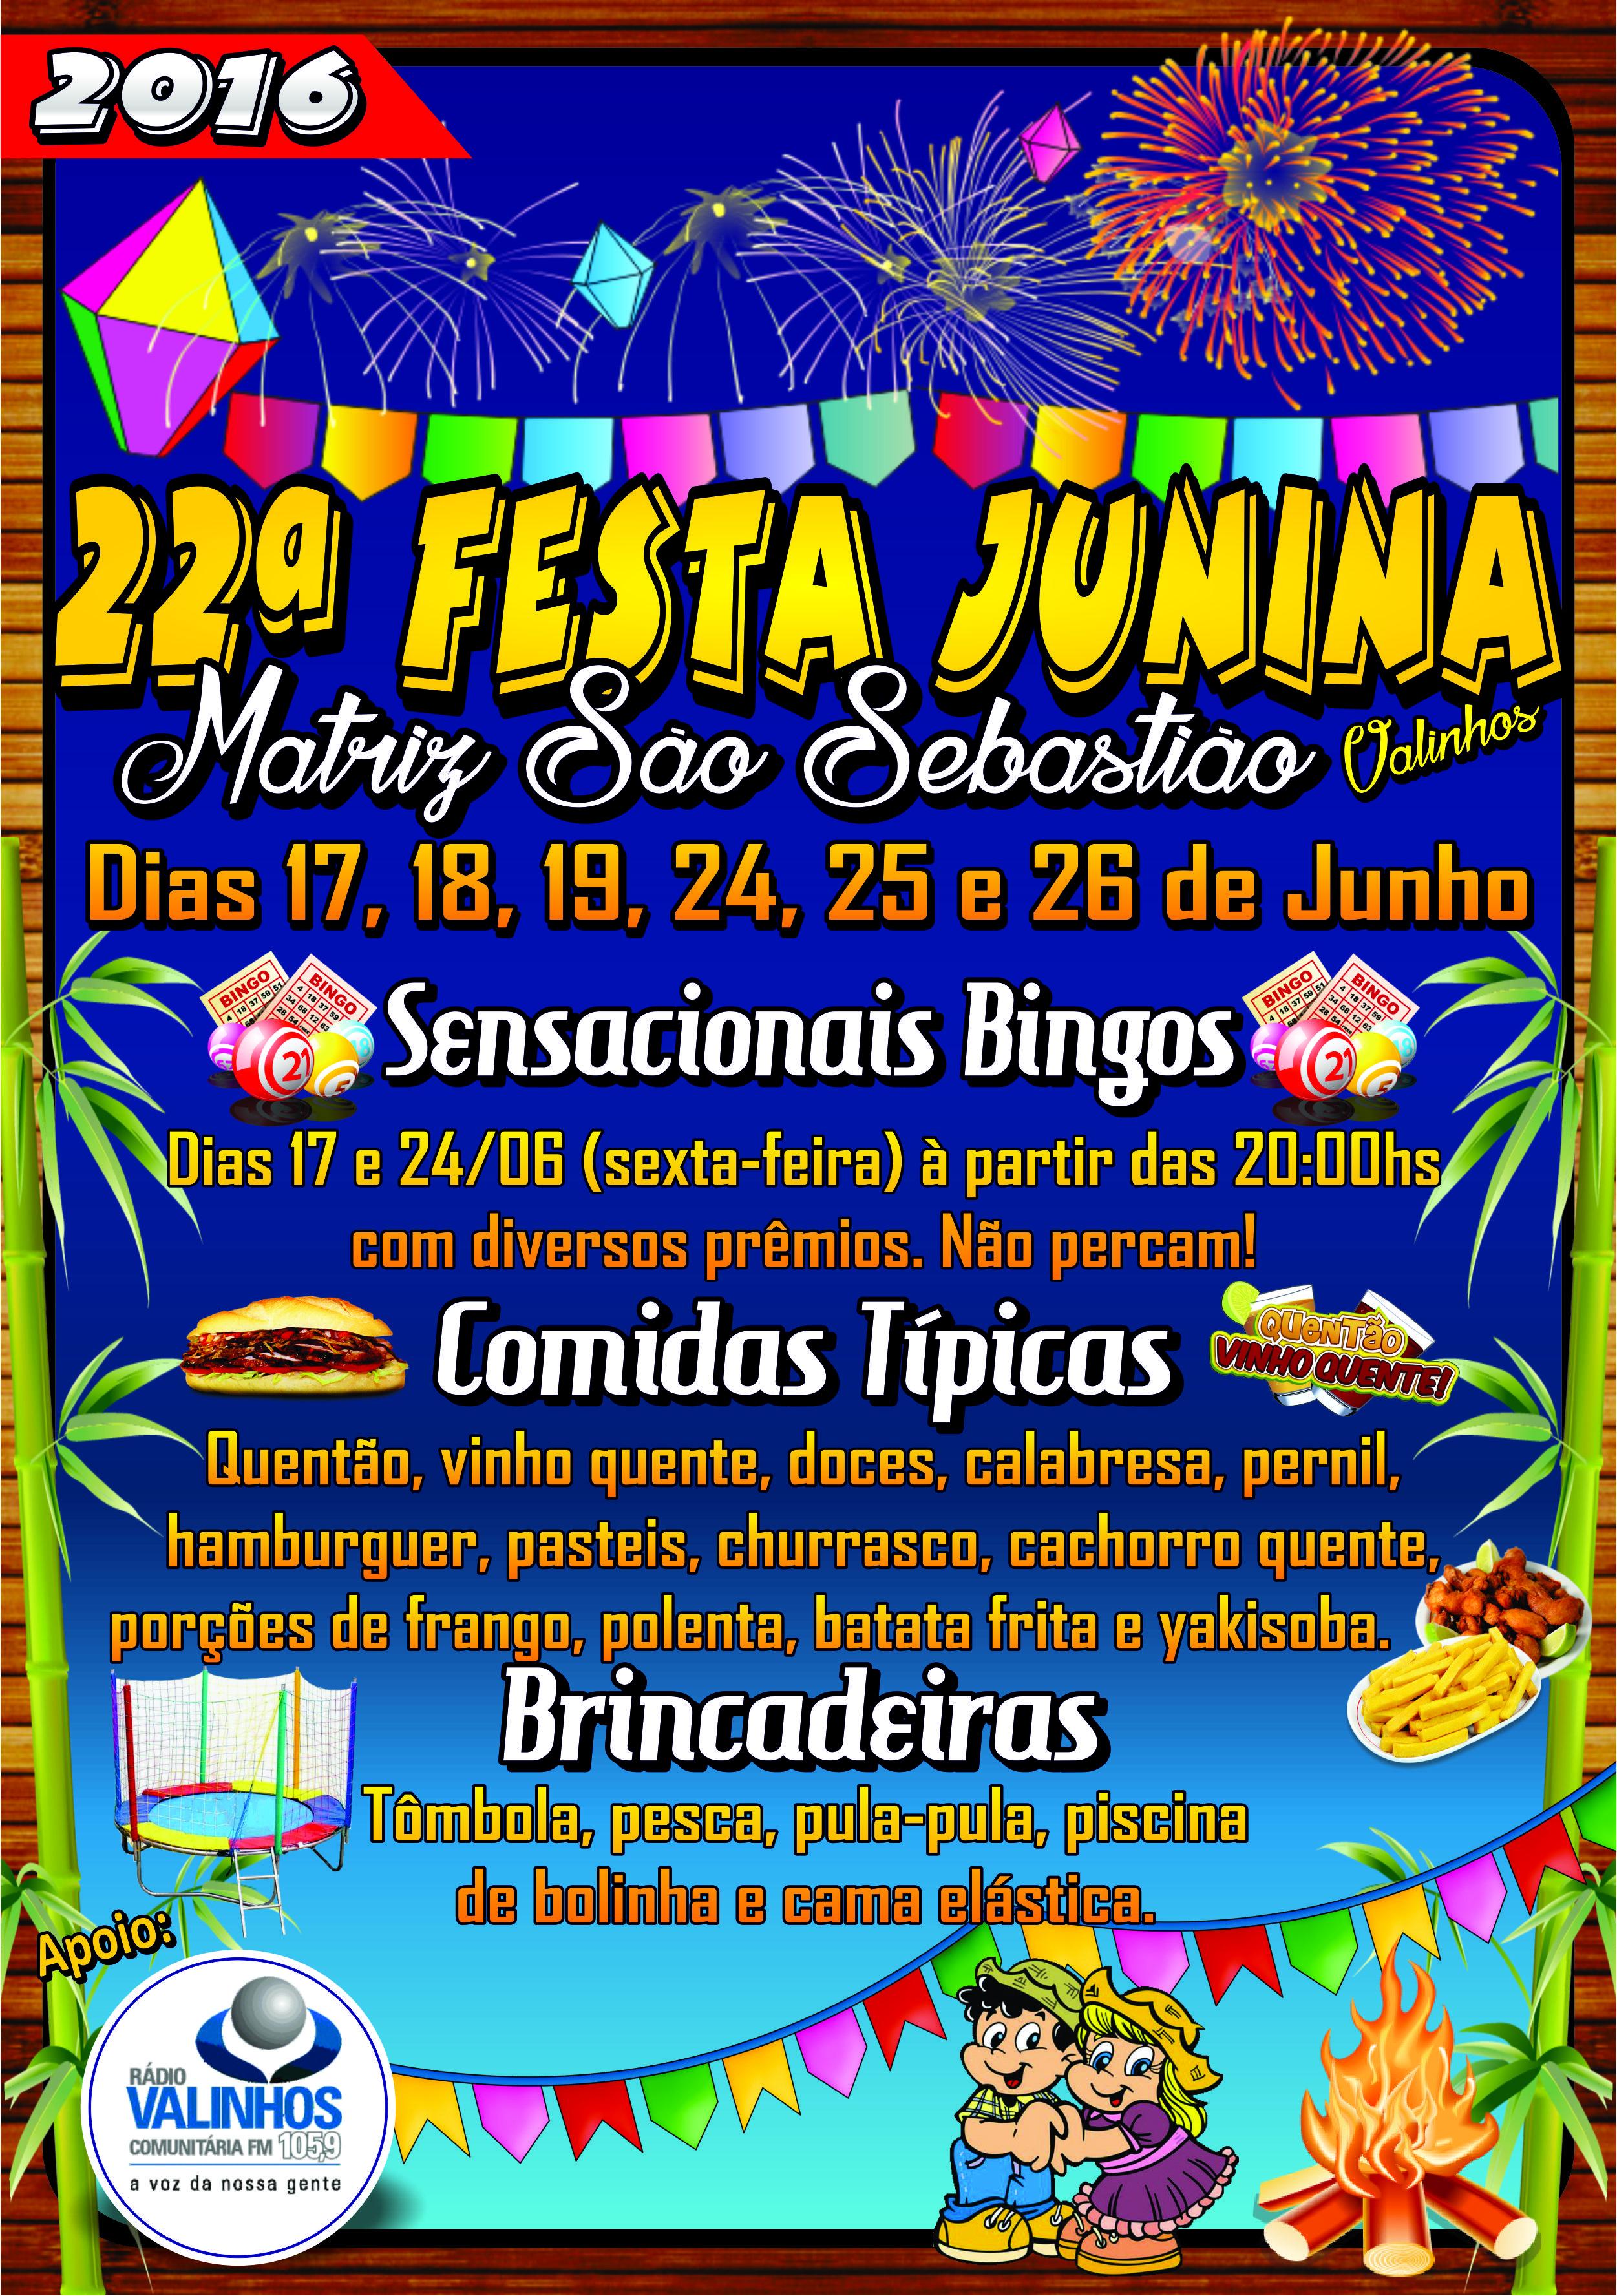 Cartaz Festa Junina - São Sebastião - Heleno 2016